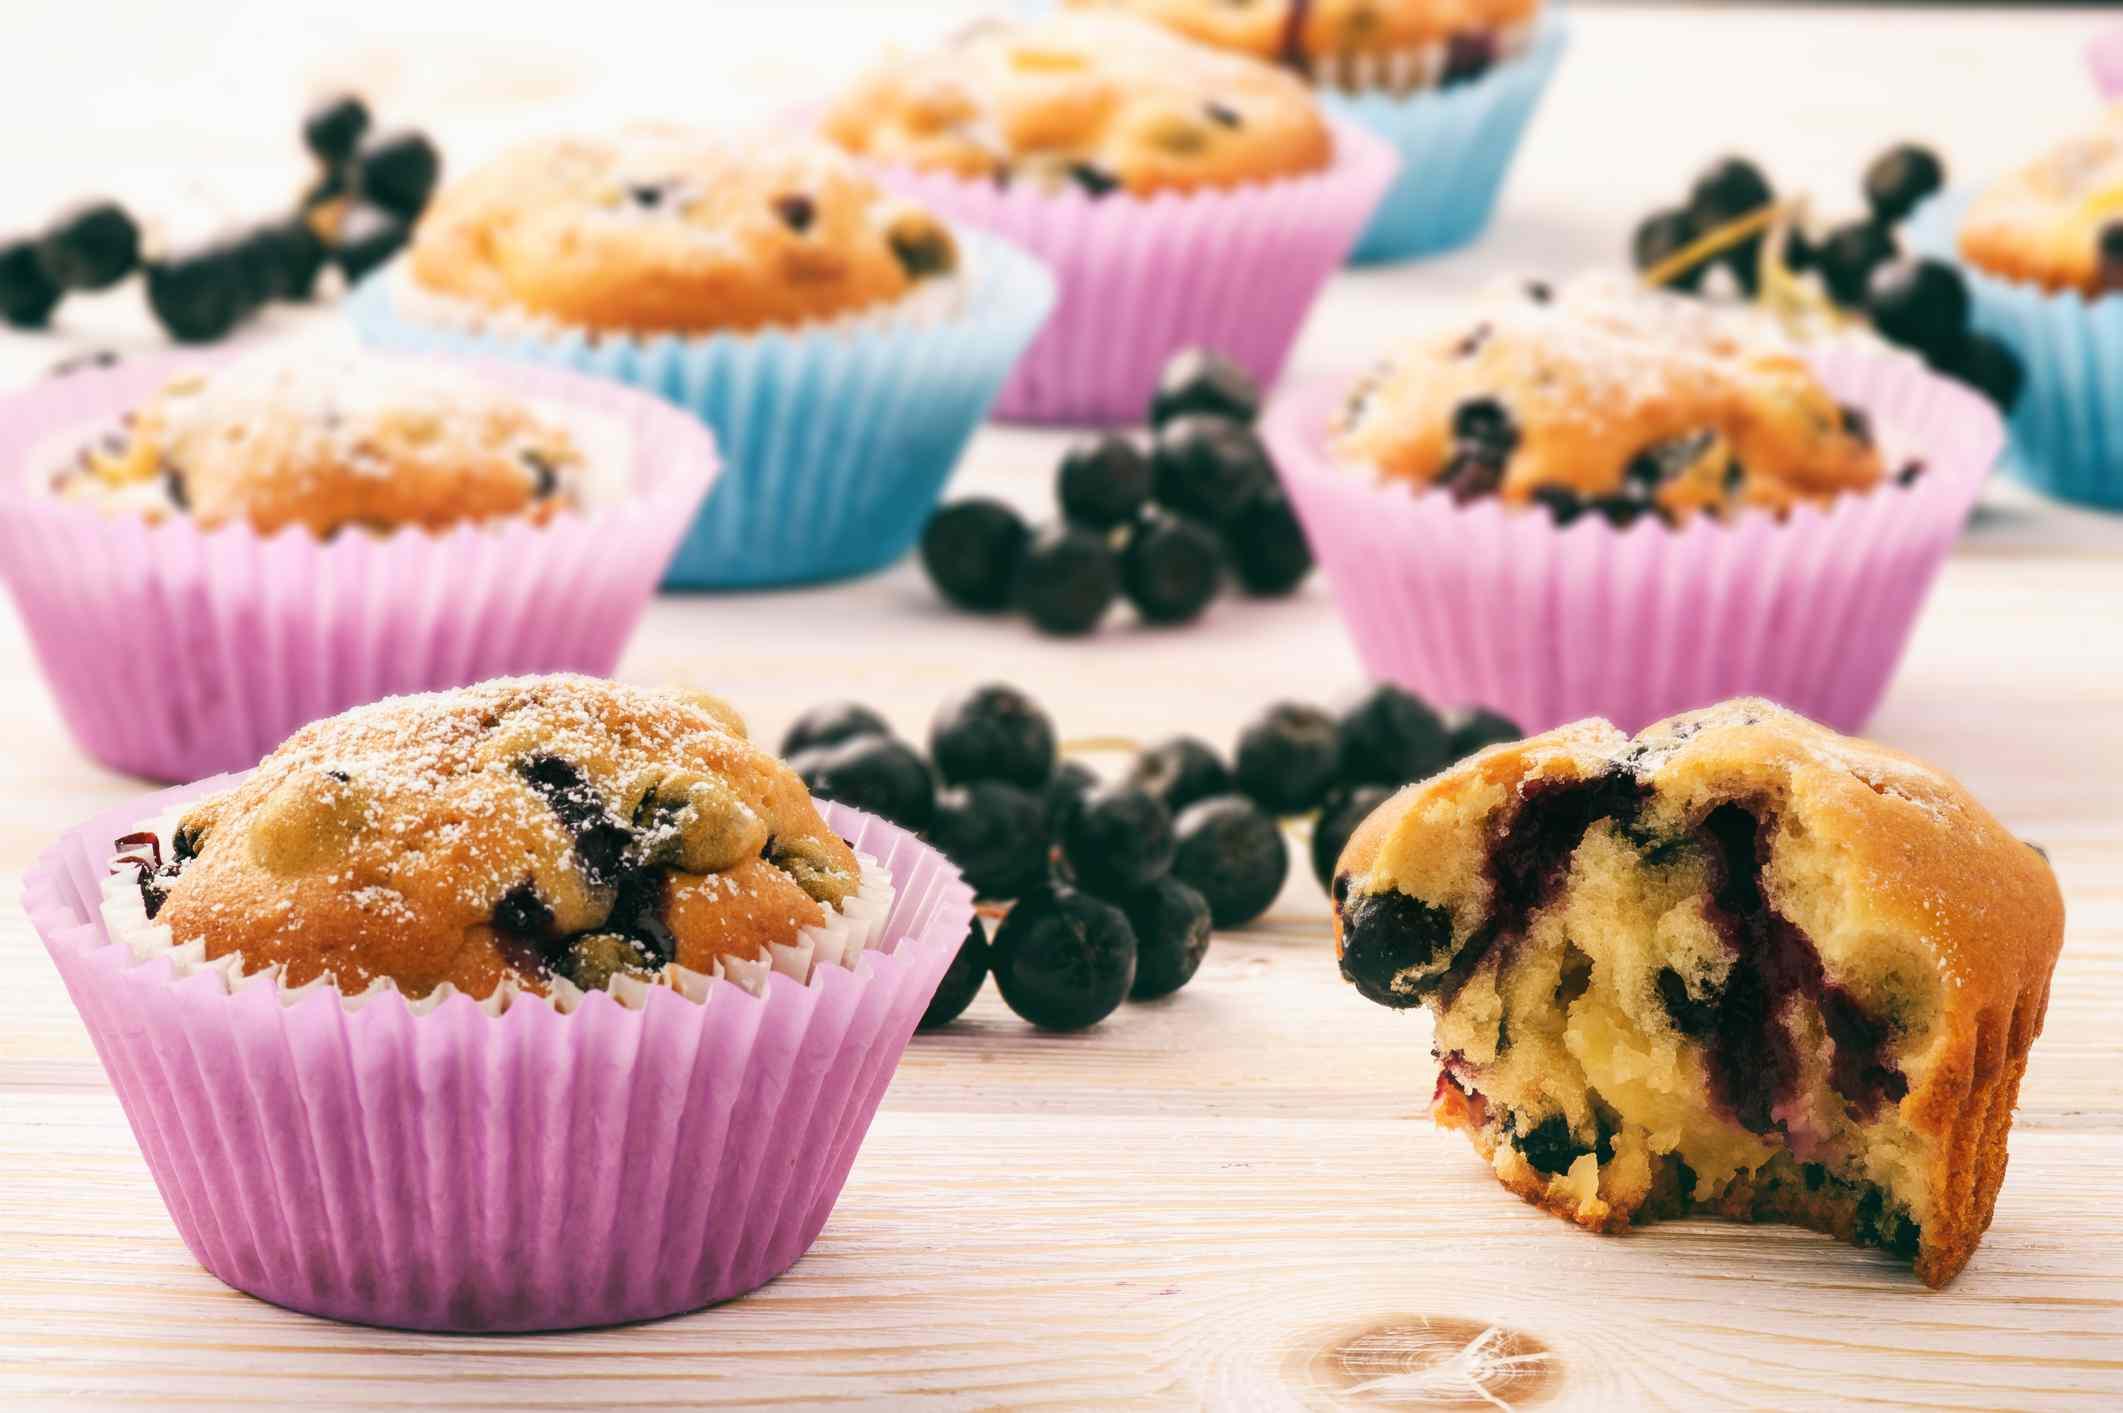 Aronia berry muffins